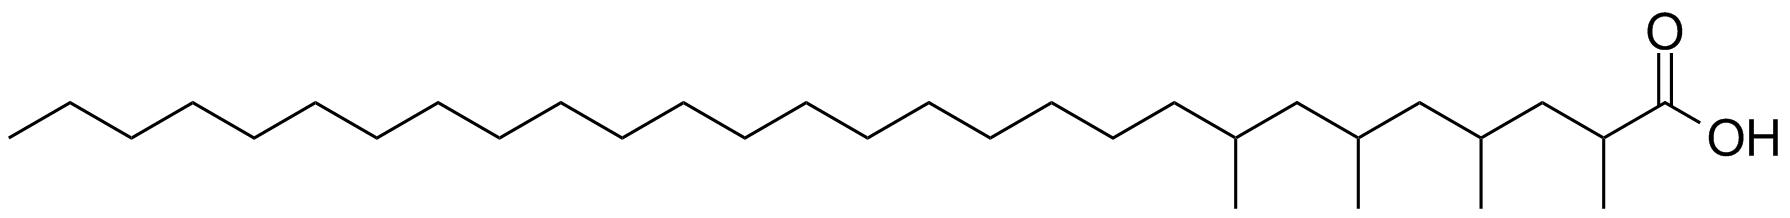 mycocerosic acid synthase structure